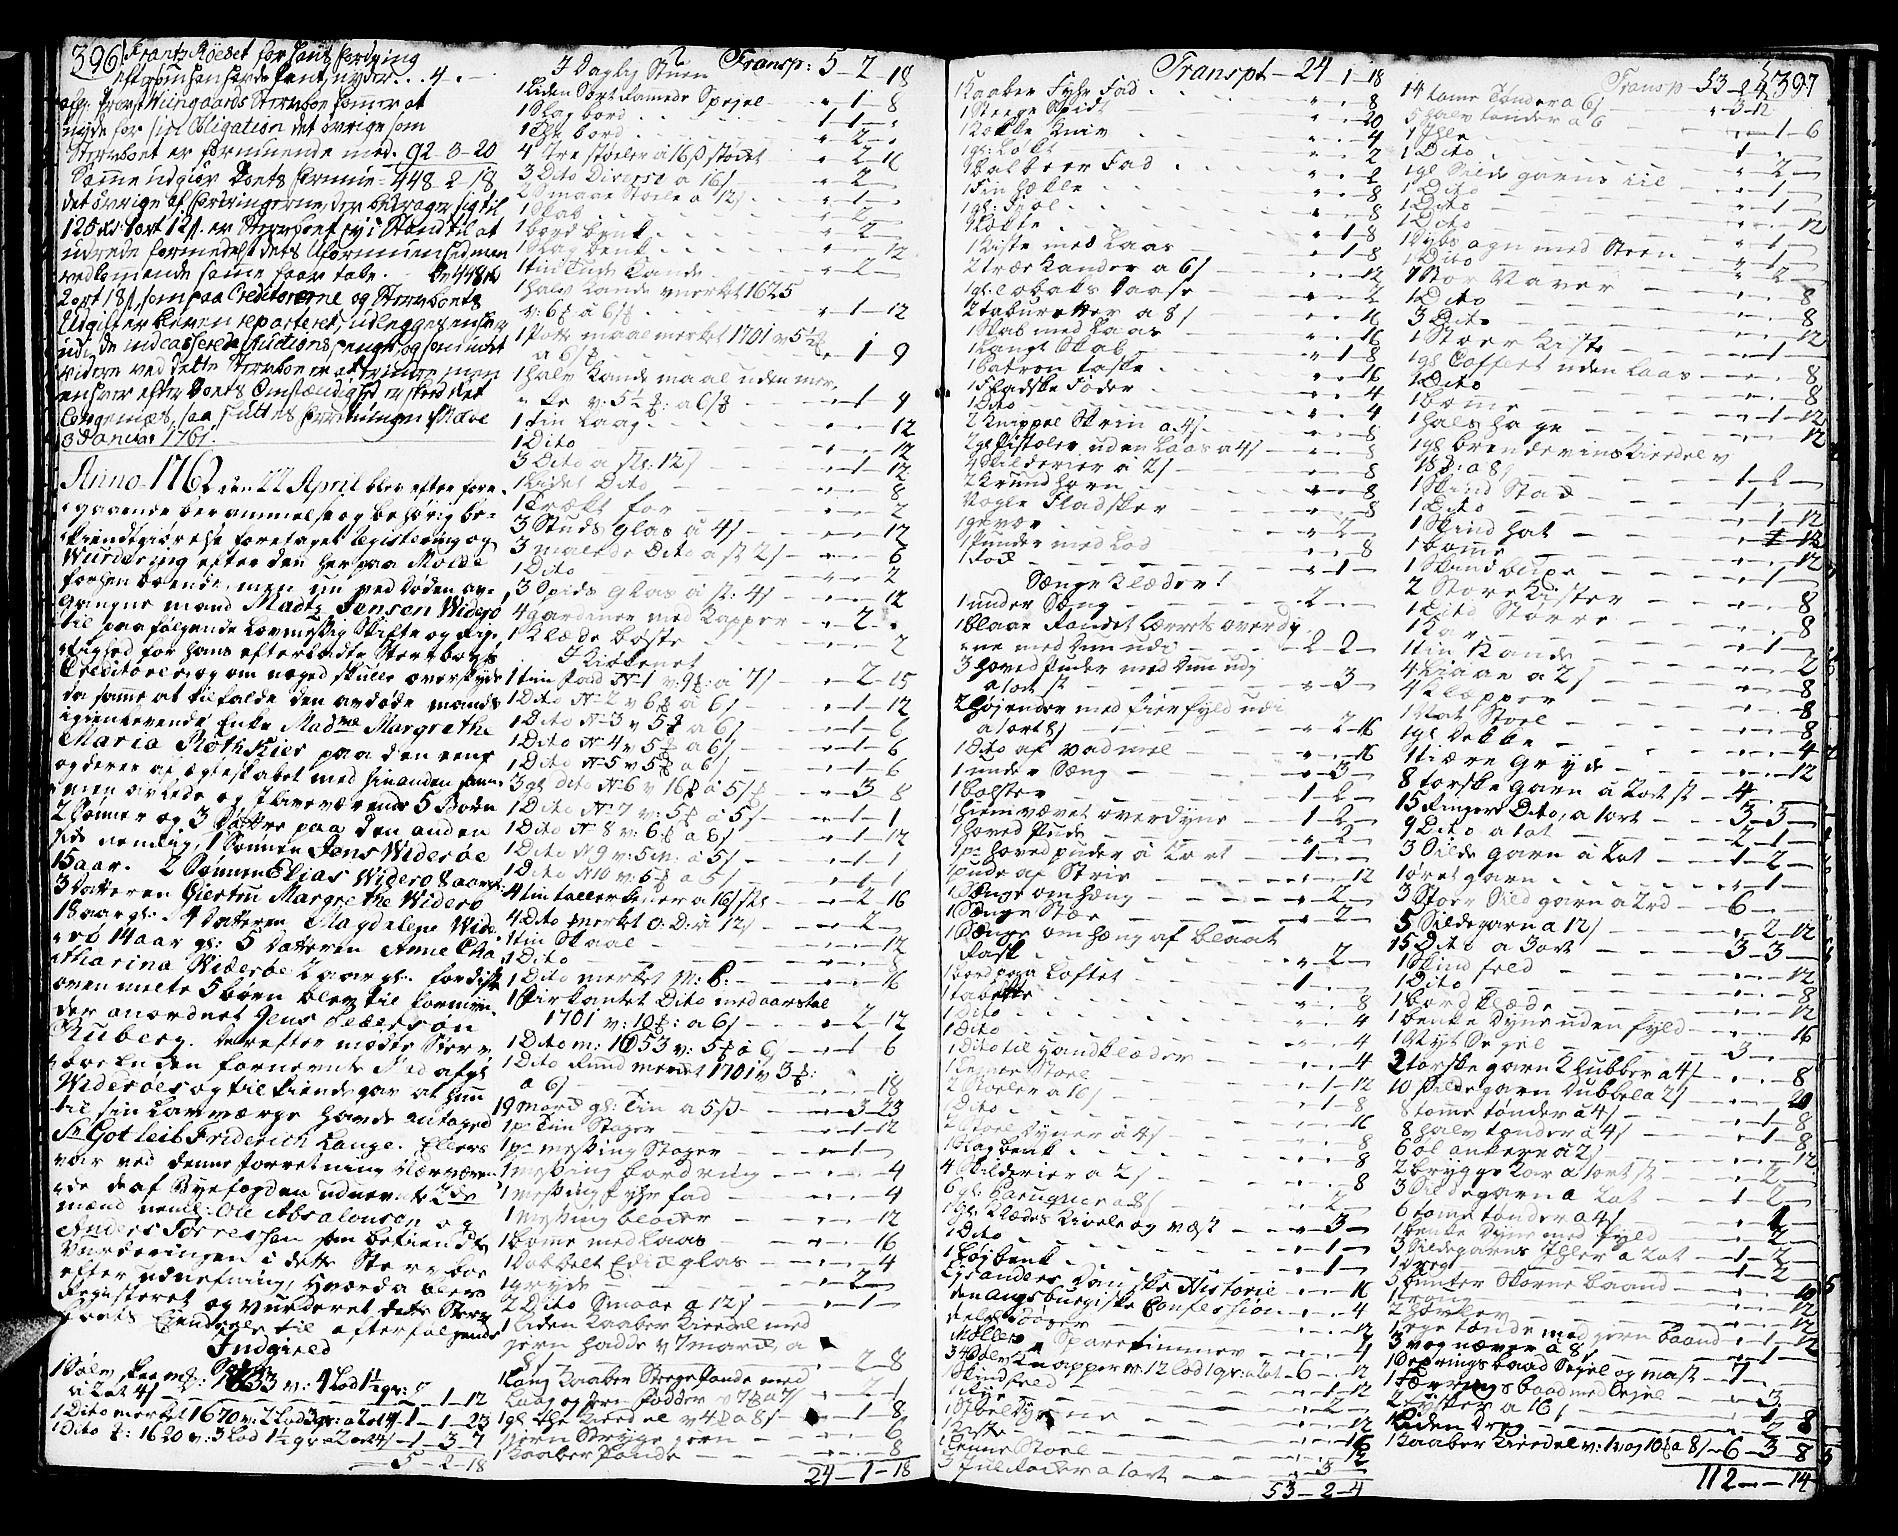 SAT, Molde byfogd, 3/3Aa/L0001: Skifteprotokoll, 1748-1768, p. 396-397